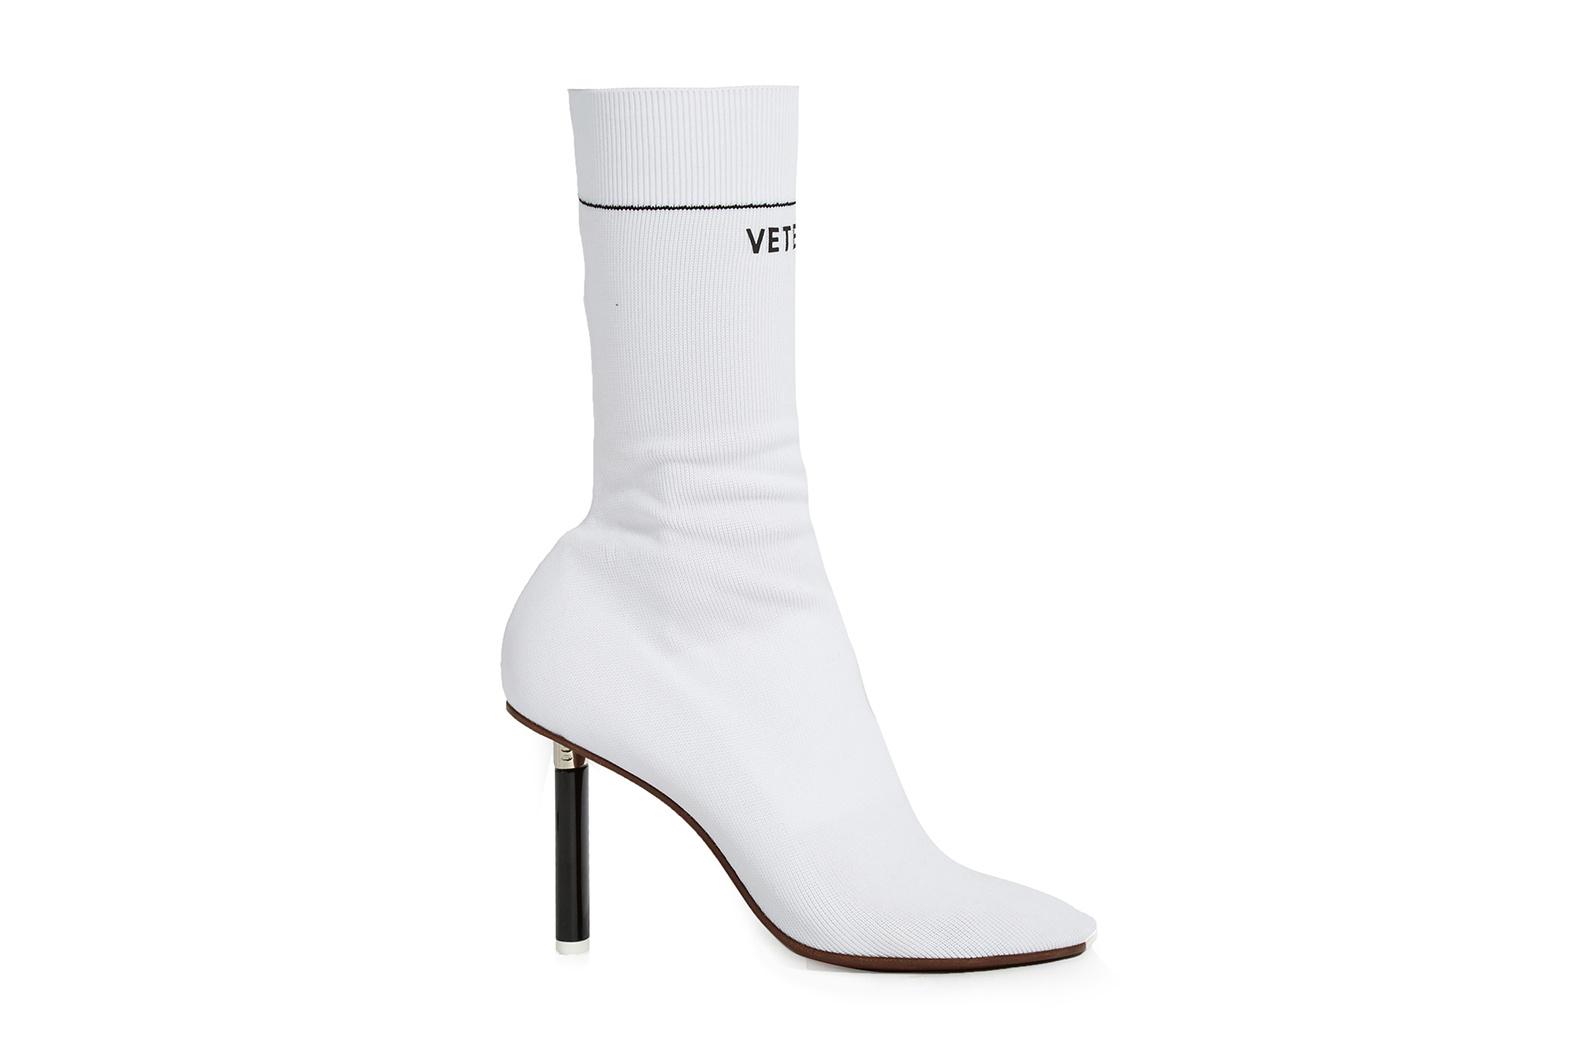 Les Sock Ankle Boots de VETEMENTS de retour en bleu, blanc et rouge